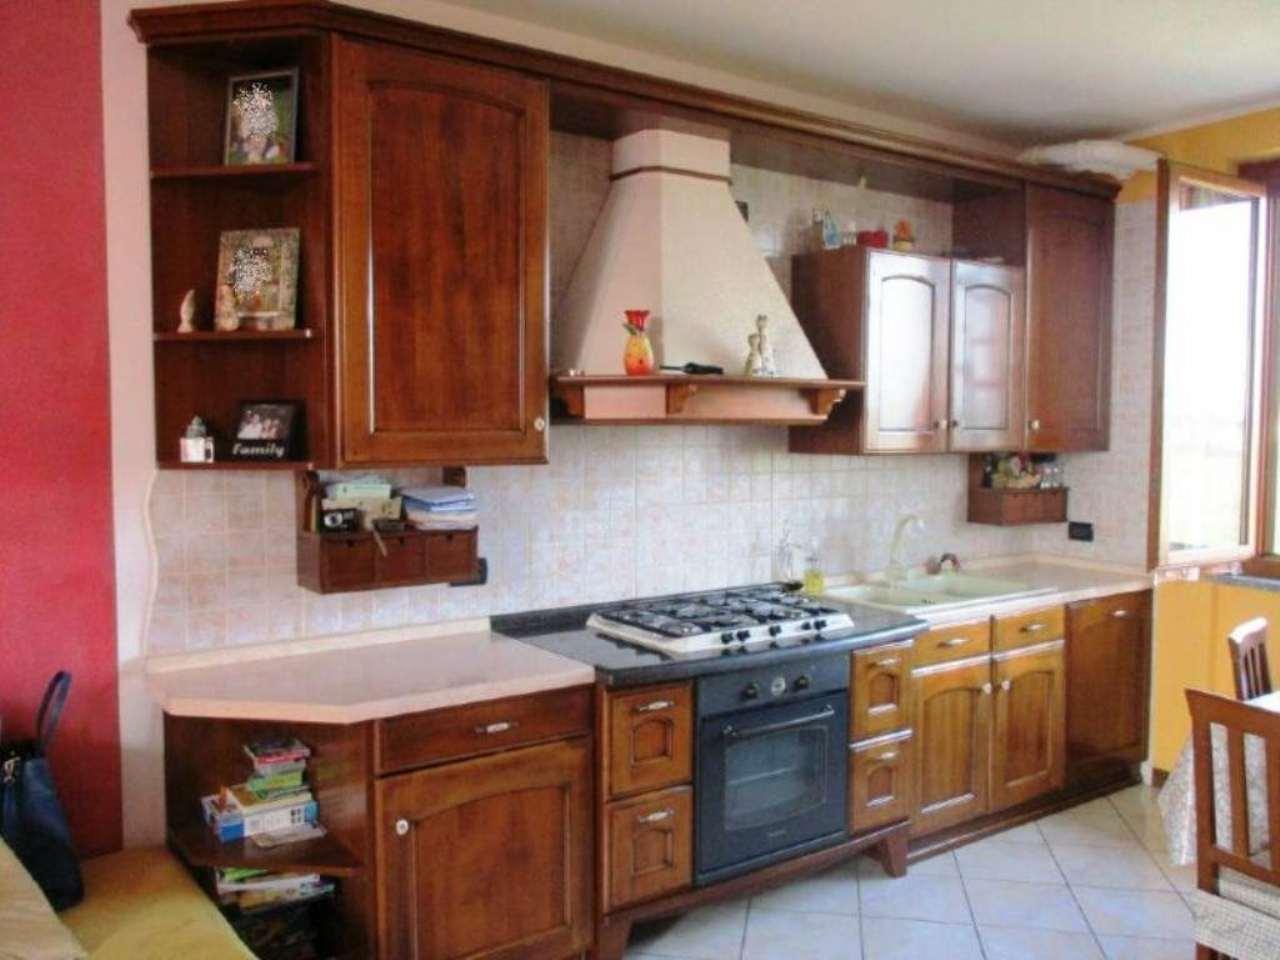 Appartamento in vendita a Cortenuova, 3 locali, prezzo € 63.000 | Cambio Casa.it